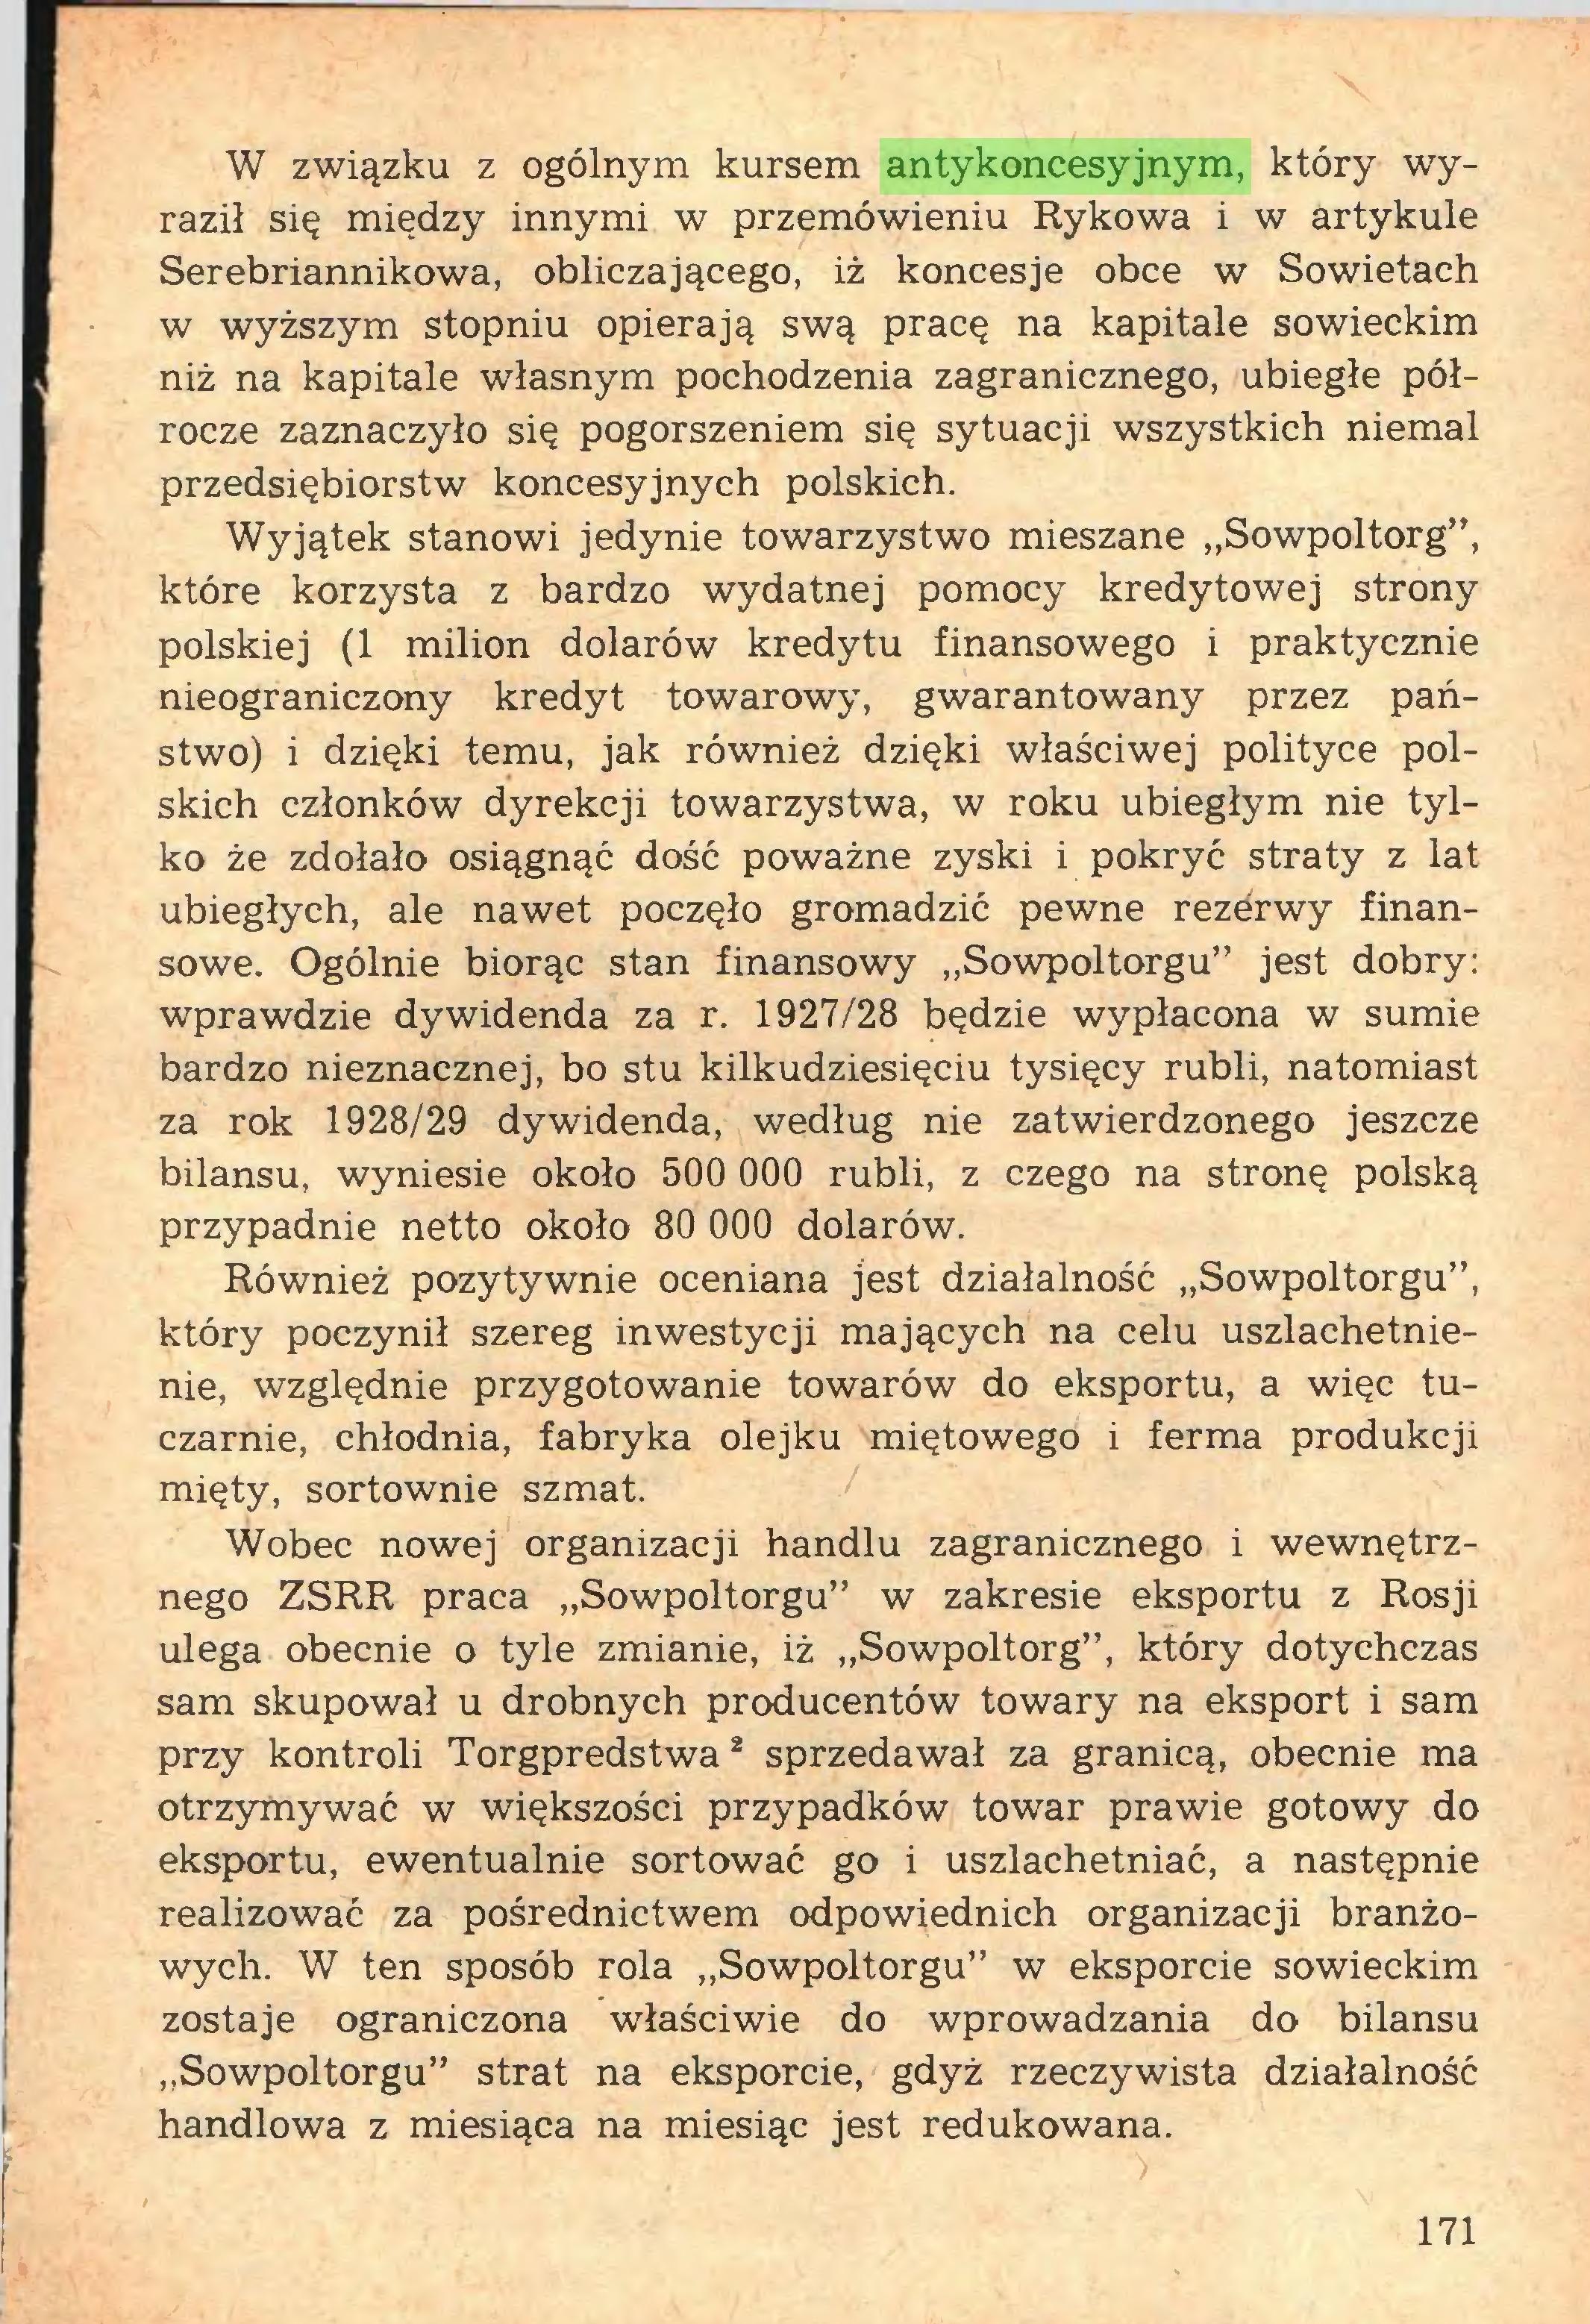 (...) 52. Zwłoki oficerów polskich  STOSUNKI RZECZYPOSPOLITEJ POLSKIEJ Z PAŃSTWEM RADZIECKIM 1918-1943 Wybór dokumentów  STOSUNKI RZECZYPOSPOLITEJ POLSKIEJ Z PAŃSTWEM RADZIECKIM 1918-1943 Wybór dokumentów Opracowanie i wybór JERZY KUMANIECKI Warszawa 1991 PAŃSTWOWE WYDAWNICTWO NAUKOWE  Projekt okładki Alicja Szubert-Olszewska Redaktor Jolanta Kowalczuk Redaktor techniczny Witold Motyl Korektor Urszula Kornobis Tytuł dotowany przez Ministra Edukacji Narodowej {2) Copyright by Państwowe Wydawnictwo Naukowe Warszawa 1991 ISBN 83-01-09511-3 Państwowe Wydawnictwo Naukowe Wydanie pierwsze. Arkuszy wydawniczych 21,0. Arkuszy drukarskich 22,0 + 24 s. ilustracji. Oddano do składania w lipcu 1989 r. Podpisano do druku we wrześniu 1990 r. Druk ukończono w styczniu 1991 r. Zamówienie nr 628/11/89. Drukarnia Naukowo-Techniczna w Warszawie  WSTĘP Dzień 11 listopada 1918 r. — Polska po 123 latach niewoli odzyskuje niepodległość. W tym dniu Józef Piłsudski, będąc dla większości Polaków symbolem niepodległościowych dążeń narodu, otrzymuje od Rady Regencyjnej najwyższą władzę wojskową. W jedenaście dni później zostaje Tymczasowym Naczelnikiem Państwa. Rok 1918 był dla Polski ostatnim rokiem niewoli. Już od pewnego czasu zdawano sobie z tego sprawę. Sytuacja na frontach I wojny światowej — nieuchronnie zbliżająca się klęska Niemiec i Austro-Węgier w połączeniu z rewolucyjnym wrzeniem w Rosji, była jedyna w swoim rodzaju, taka o jakiej nawet nie marzyły pokolenia żyjących w niewoli Polaków. Faktem stawała się równoczesna klęska trzech zaborczych mocarstw. Rewolucja lutowa w Rosji, poddając pod rozwagę przyszłej konstytuancie rozpatrzenie związków, jakie łączyć mają nową Rosję z narodami podporządkowanymi obalonemu caratowi, kładła podwaliny pod przyszłe stosunki dyplomatyczne polsko-radzieckie. Oczywiście na długo przed owym historycznym dniem 11 listopada polscy politycy, powiedzmy raczej przyszli politycy niepodległej Polski, rozważali różne koncepcje, które miały dać podstawy wolnem